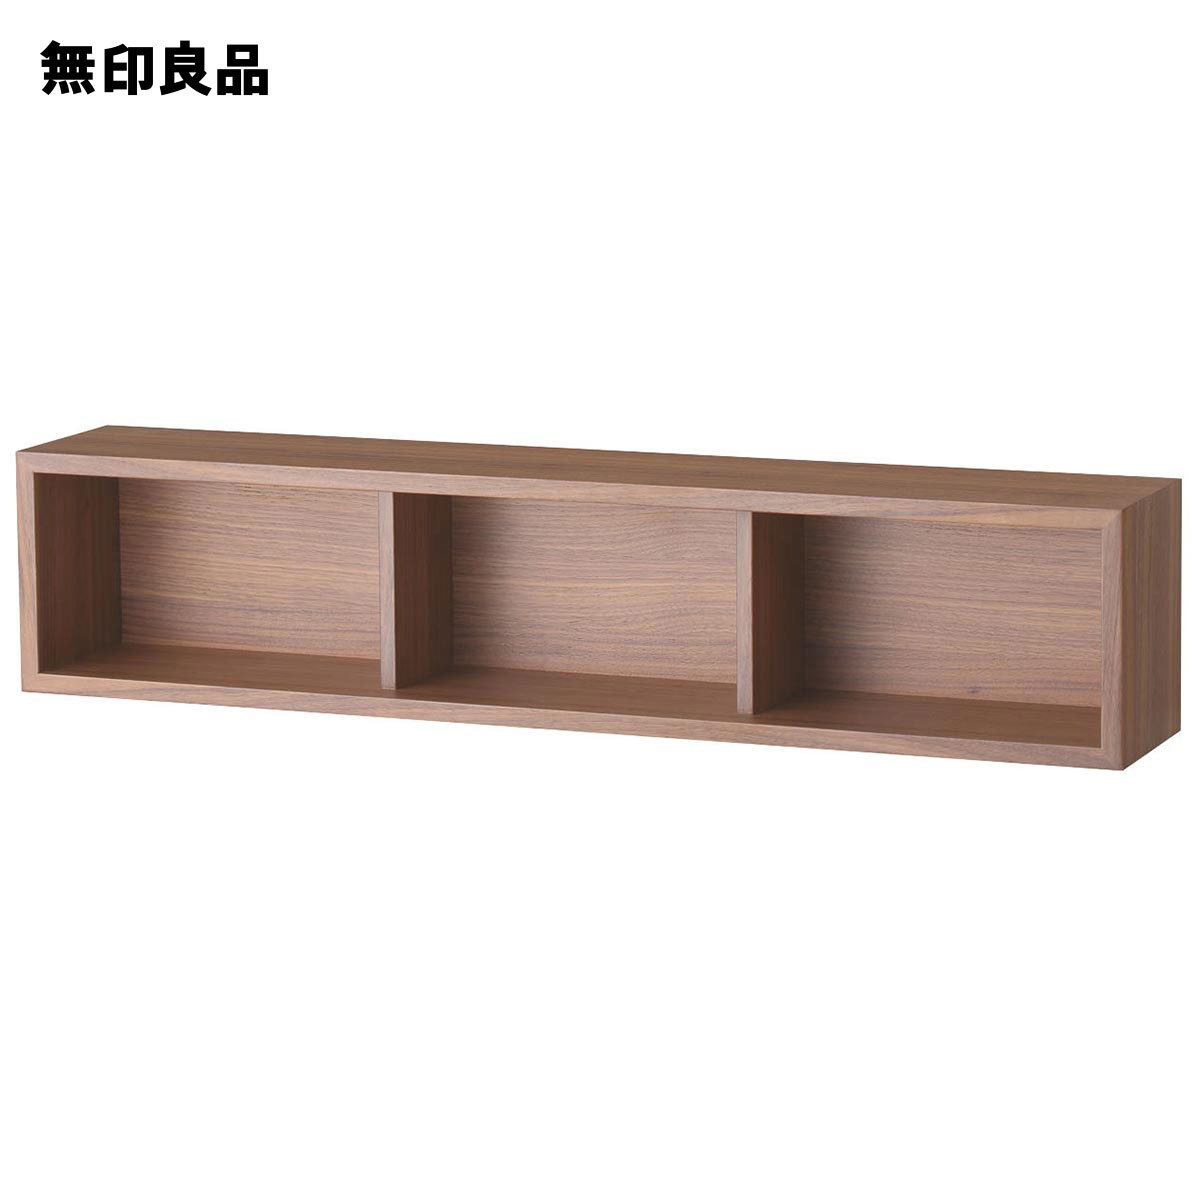 【無印良品 公式】壁に付けられる家具・箱・幅88cm・ウォールナット材幅88×奥行15.5×高さ19cm